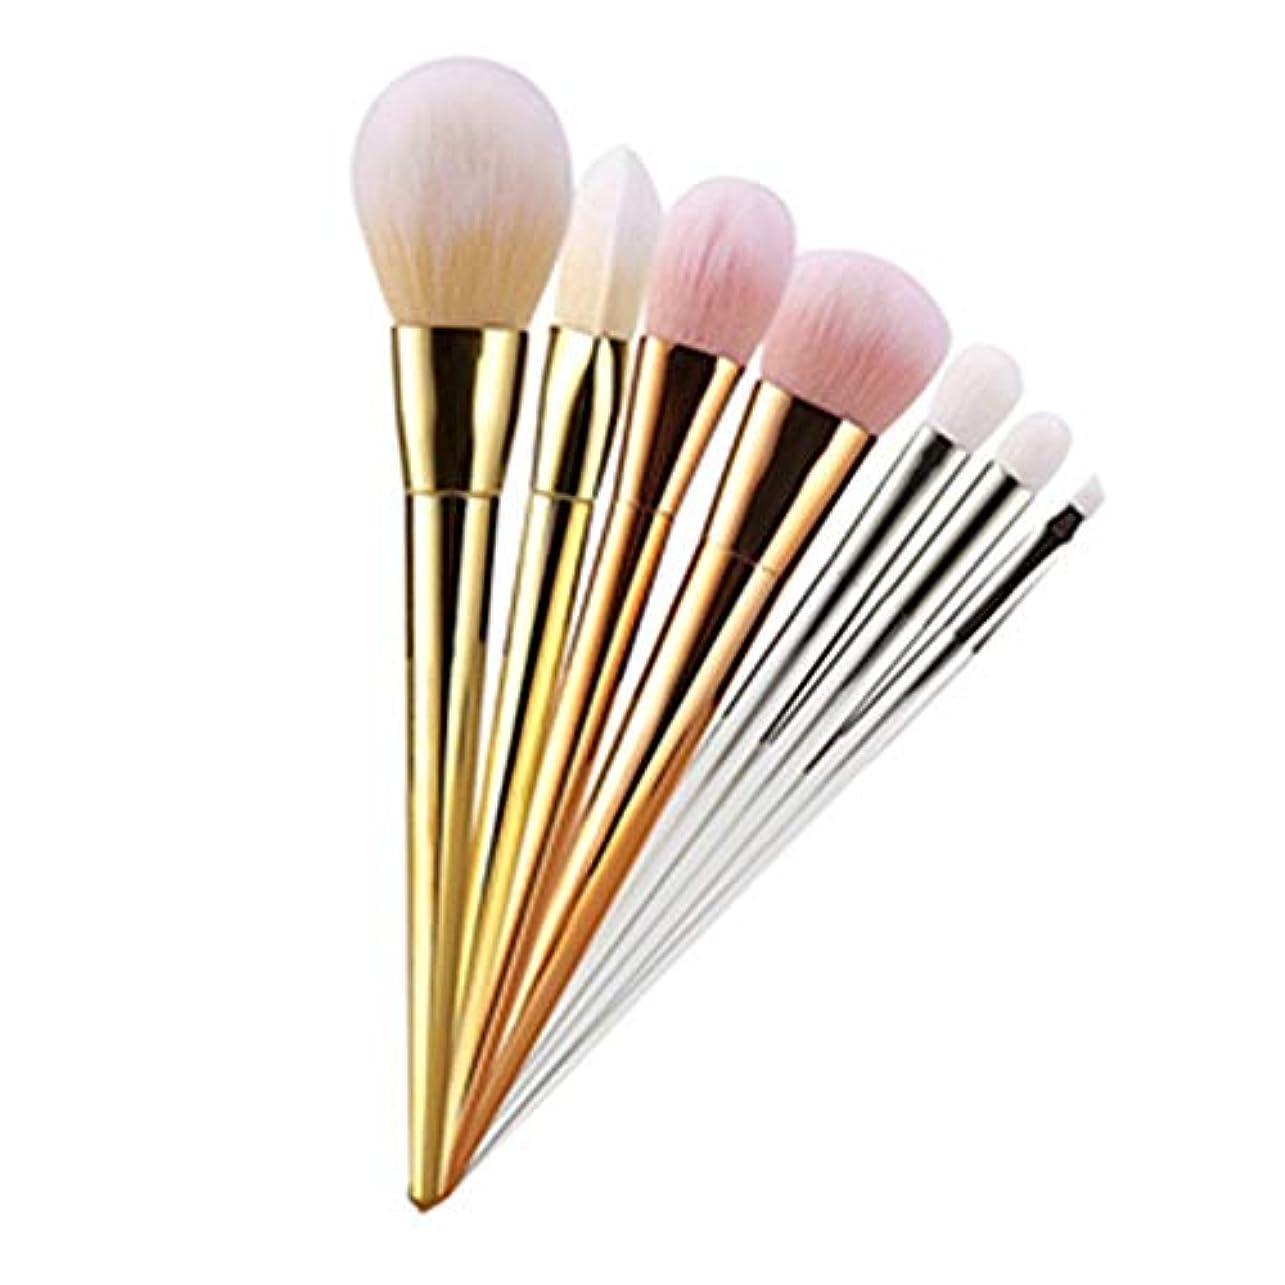 プレーヤー隣人バースト美容メイク 7ピース 化粧ブラシセット メイクブラシ 化粧筆 シリーズ 化粧ブラシセット 高級タクロン 超柔らかい 可愛い